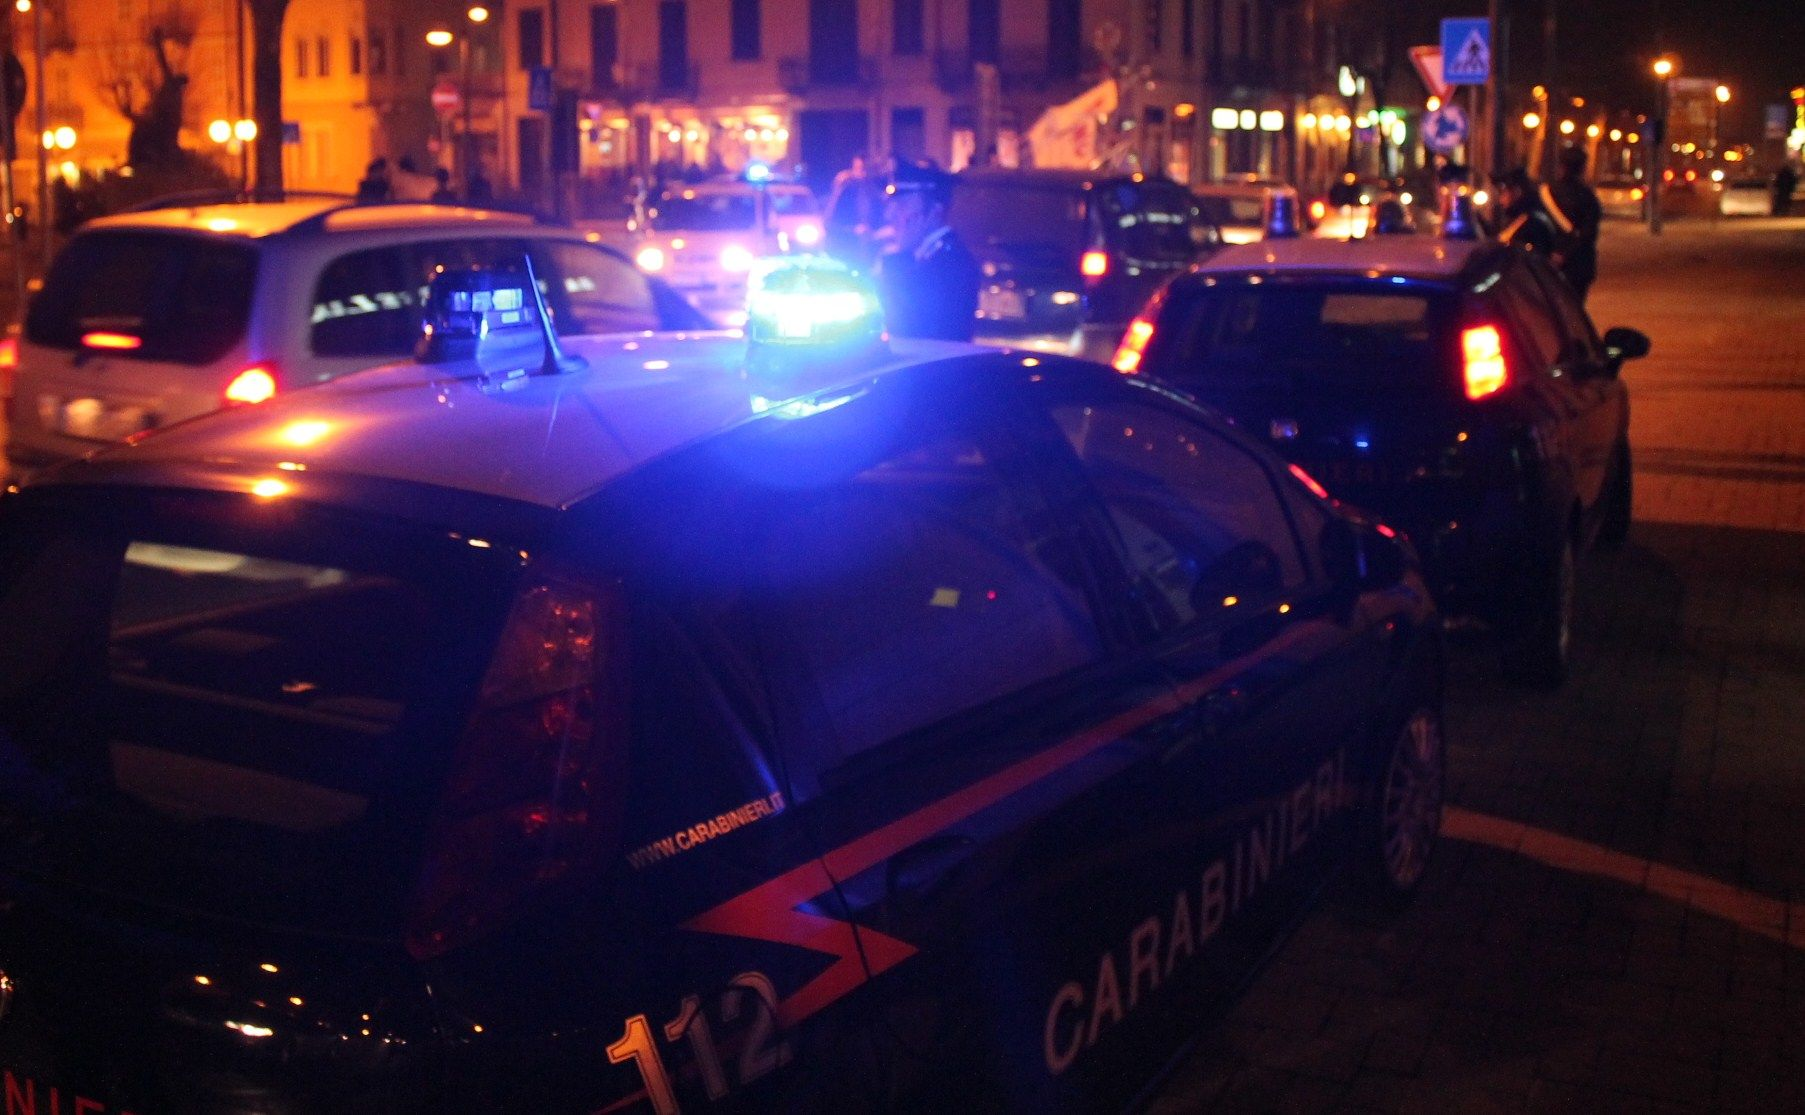 CHIVASSO - Operaio pestato per 5 euro: caccia agli aggressori